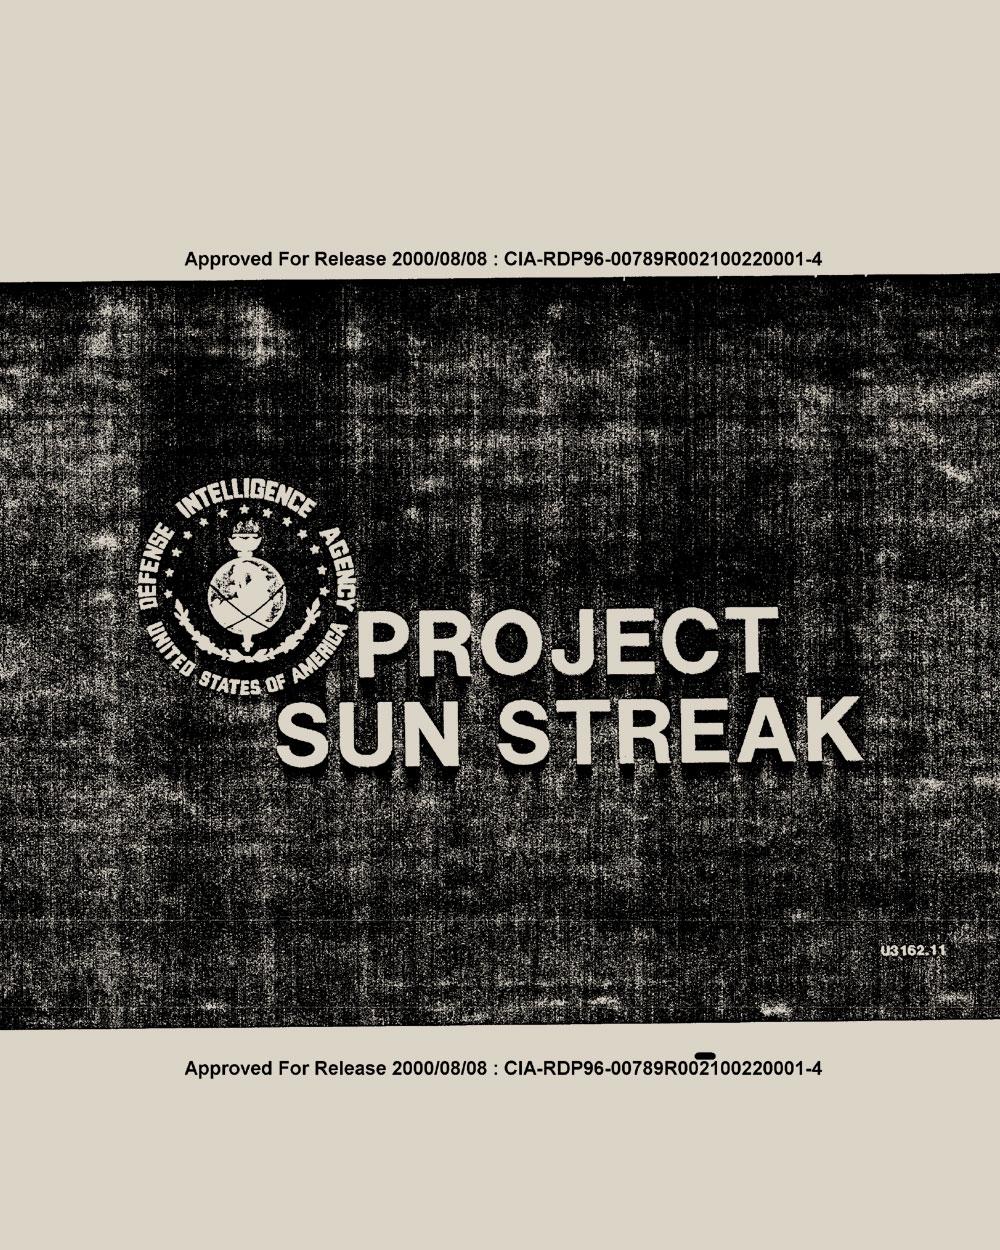 Project Sun Streak   CIA document